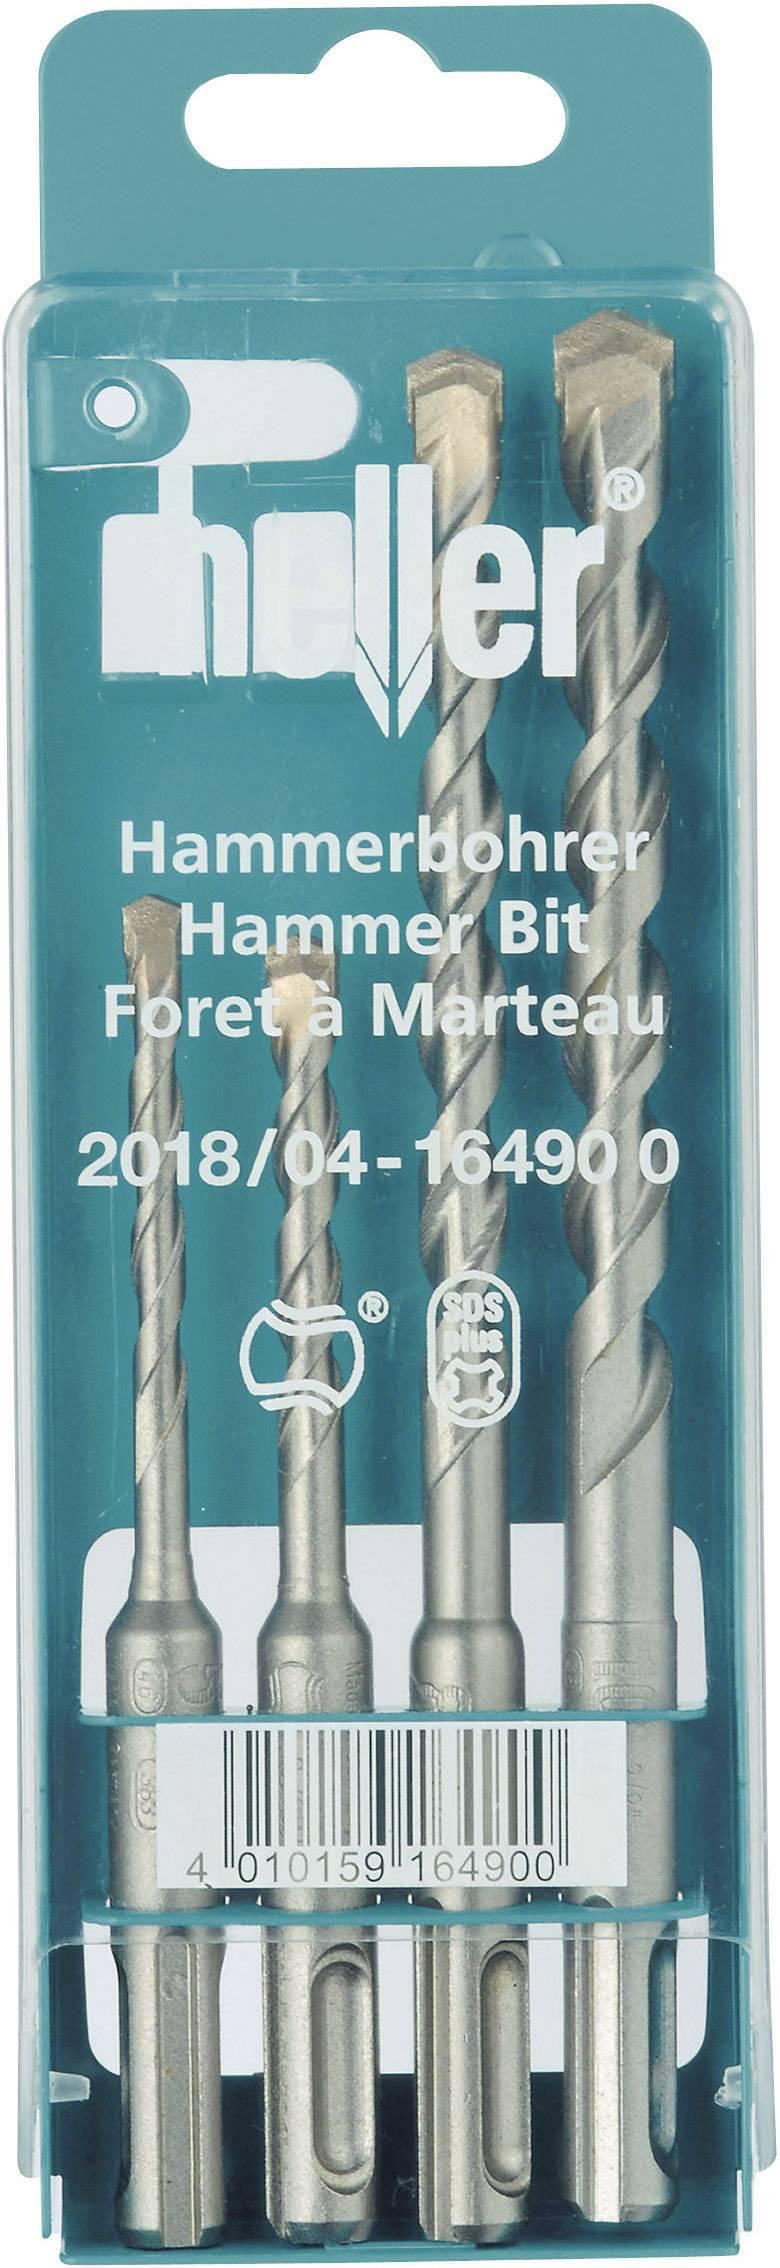 Tvrdý kov sada kladivových vrtákov Heller 16490 0, 5 mm, 6 mm, 8 mm, 10 mm, 1 sada